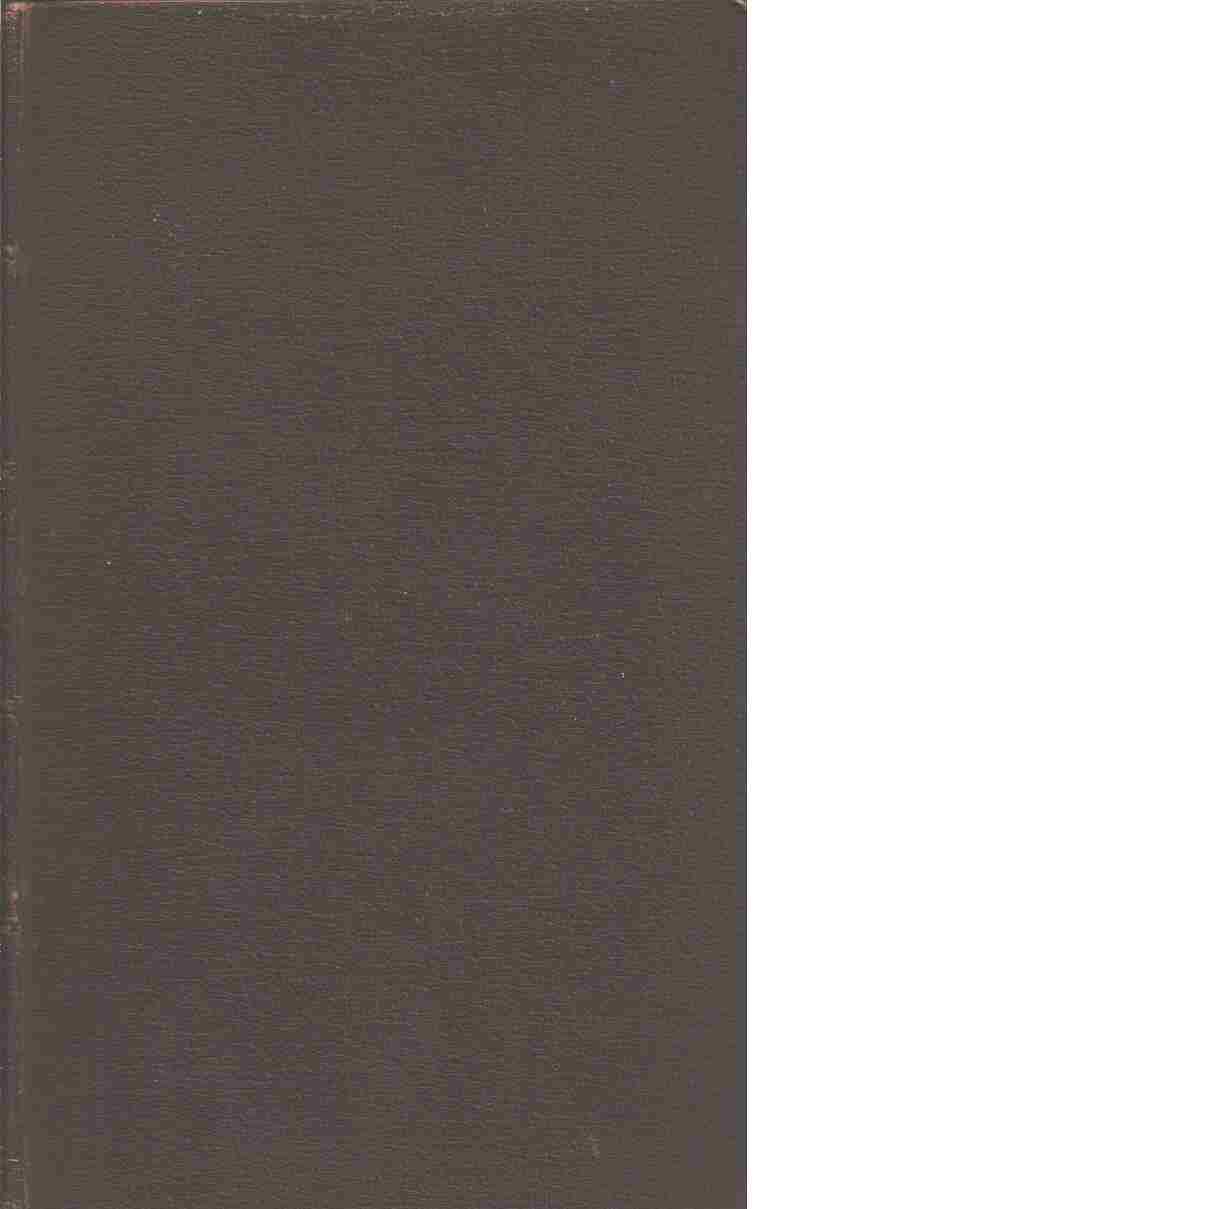 Samlade skrifter. Bd 6 : Poëtiska försök - Böttiger, Carl Wilhelm : Kullberg, A. C.